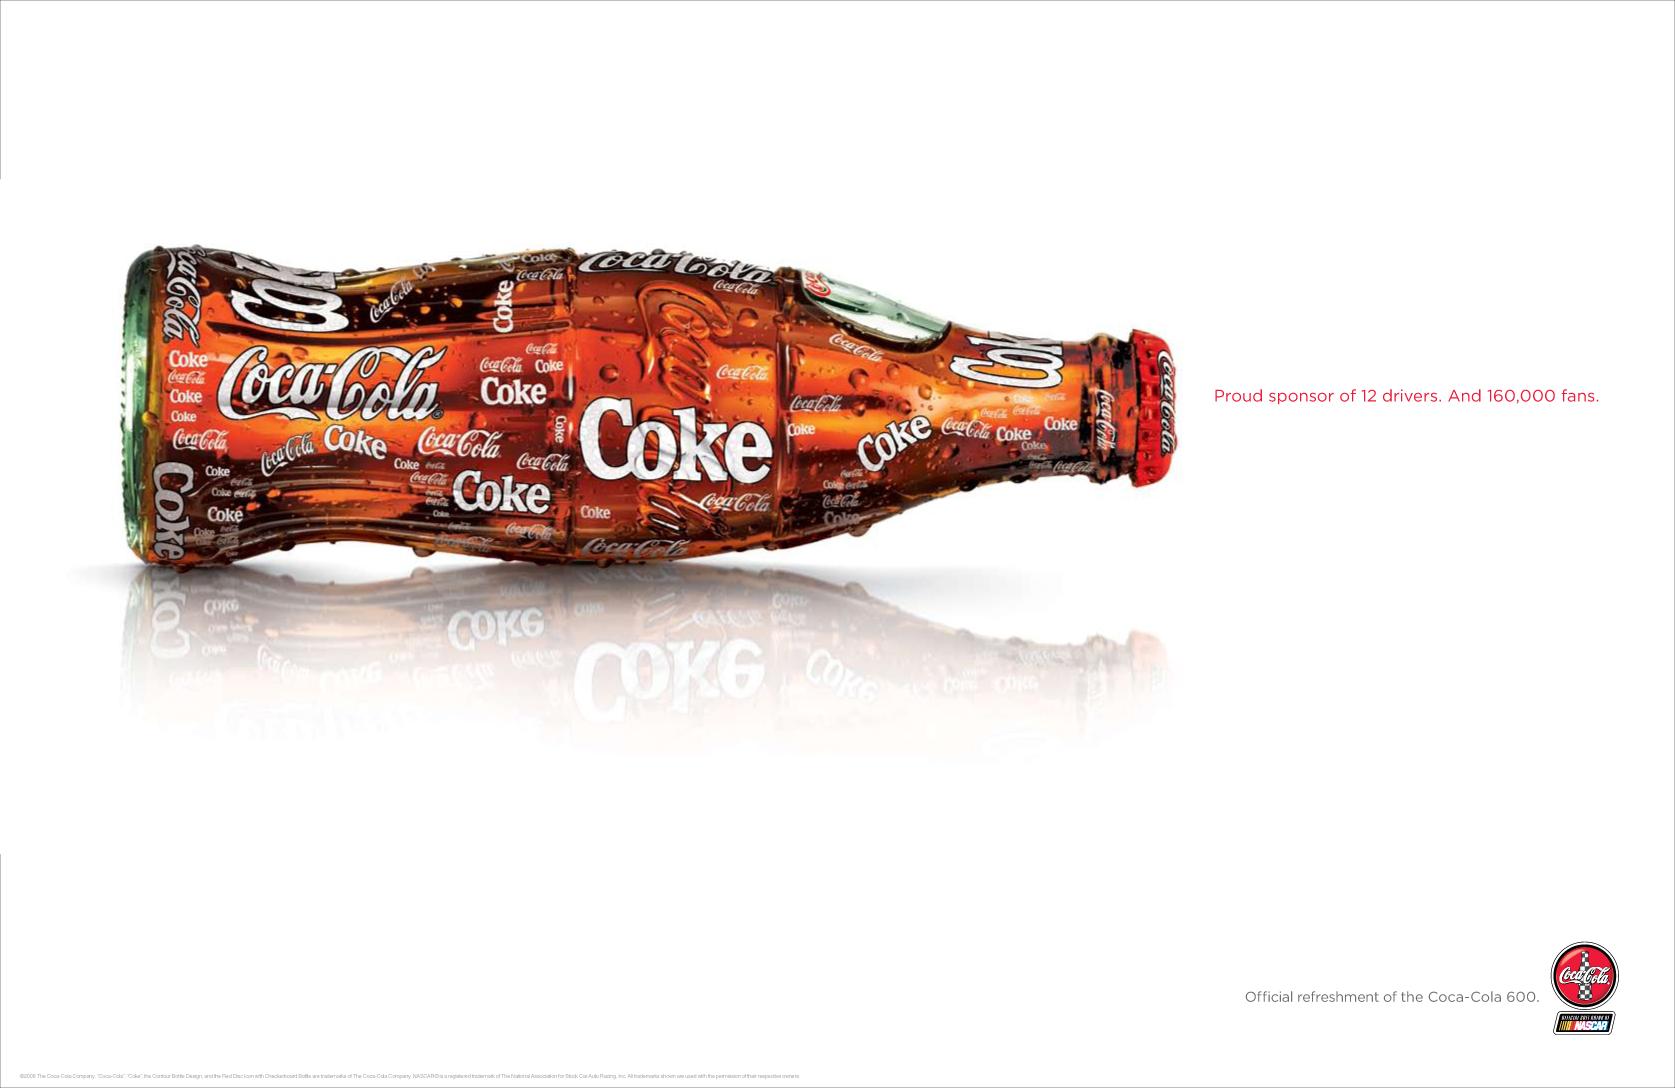 BarberWarren Coca-Cola Nascar print